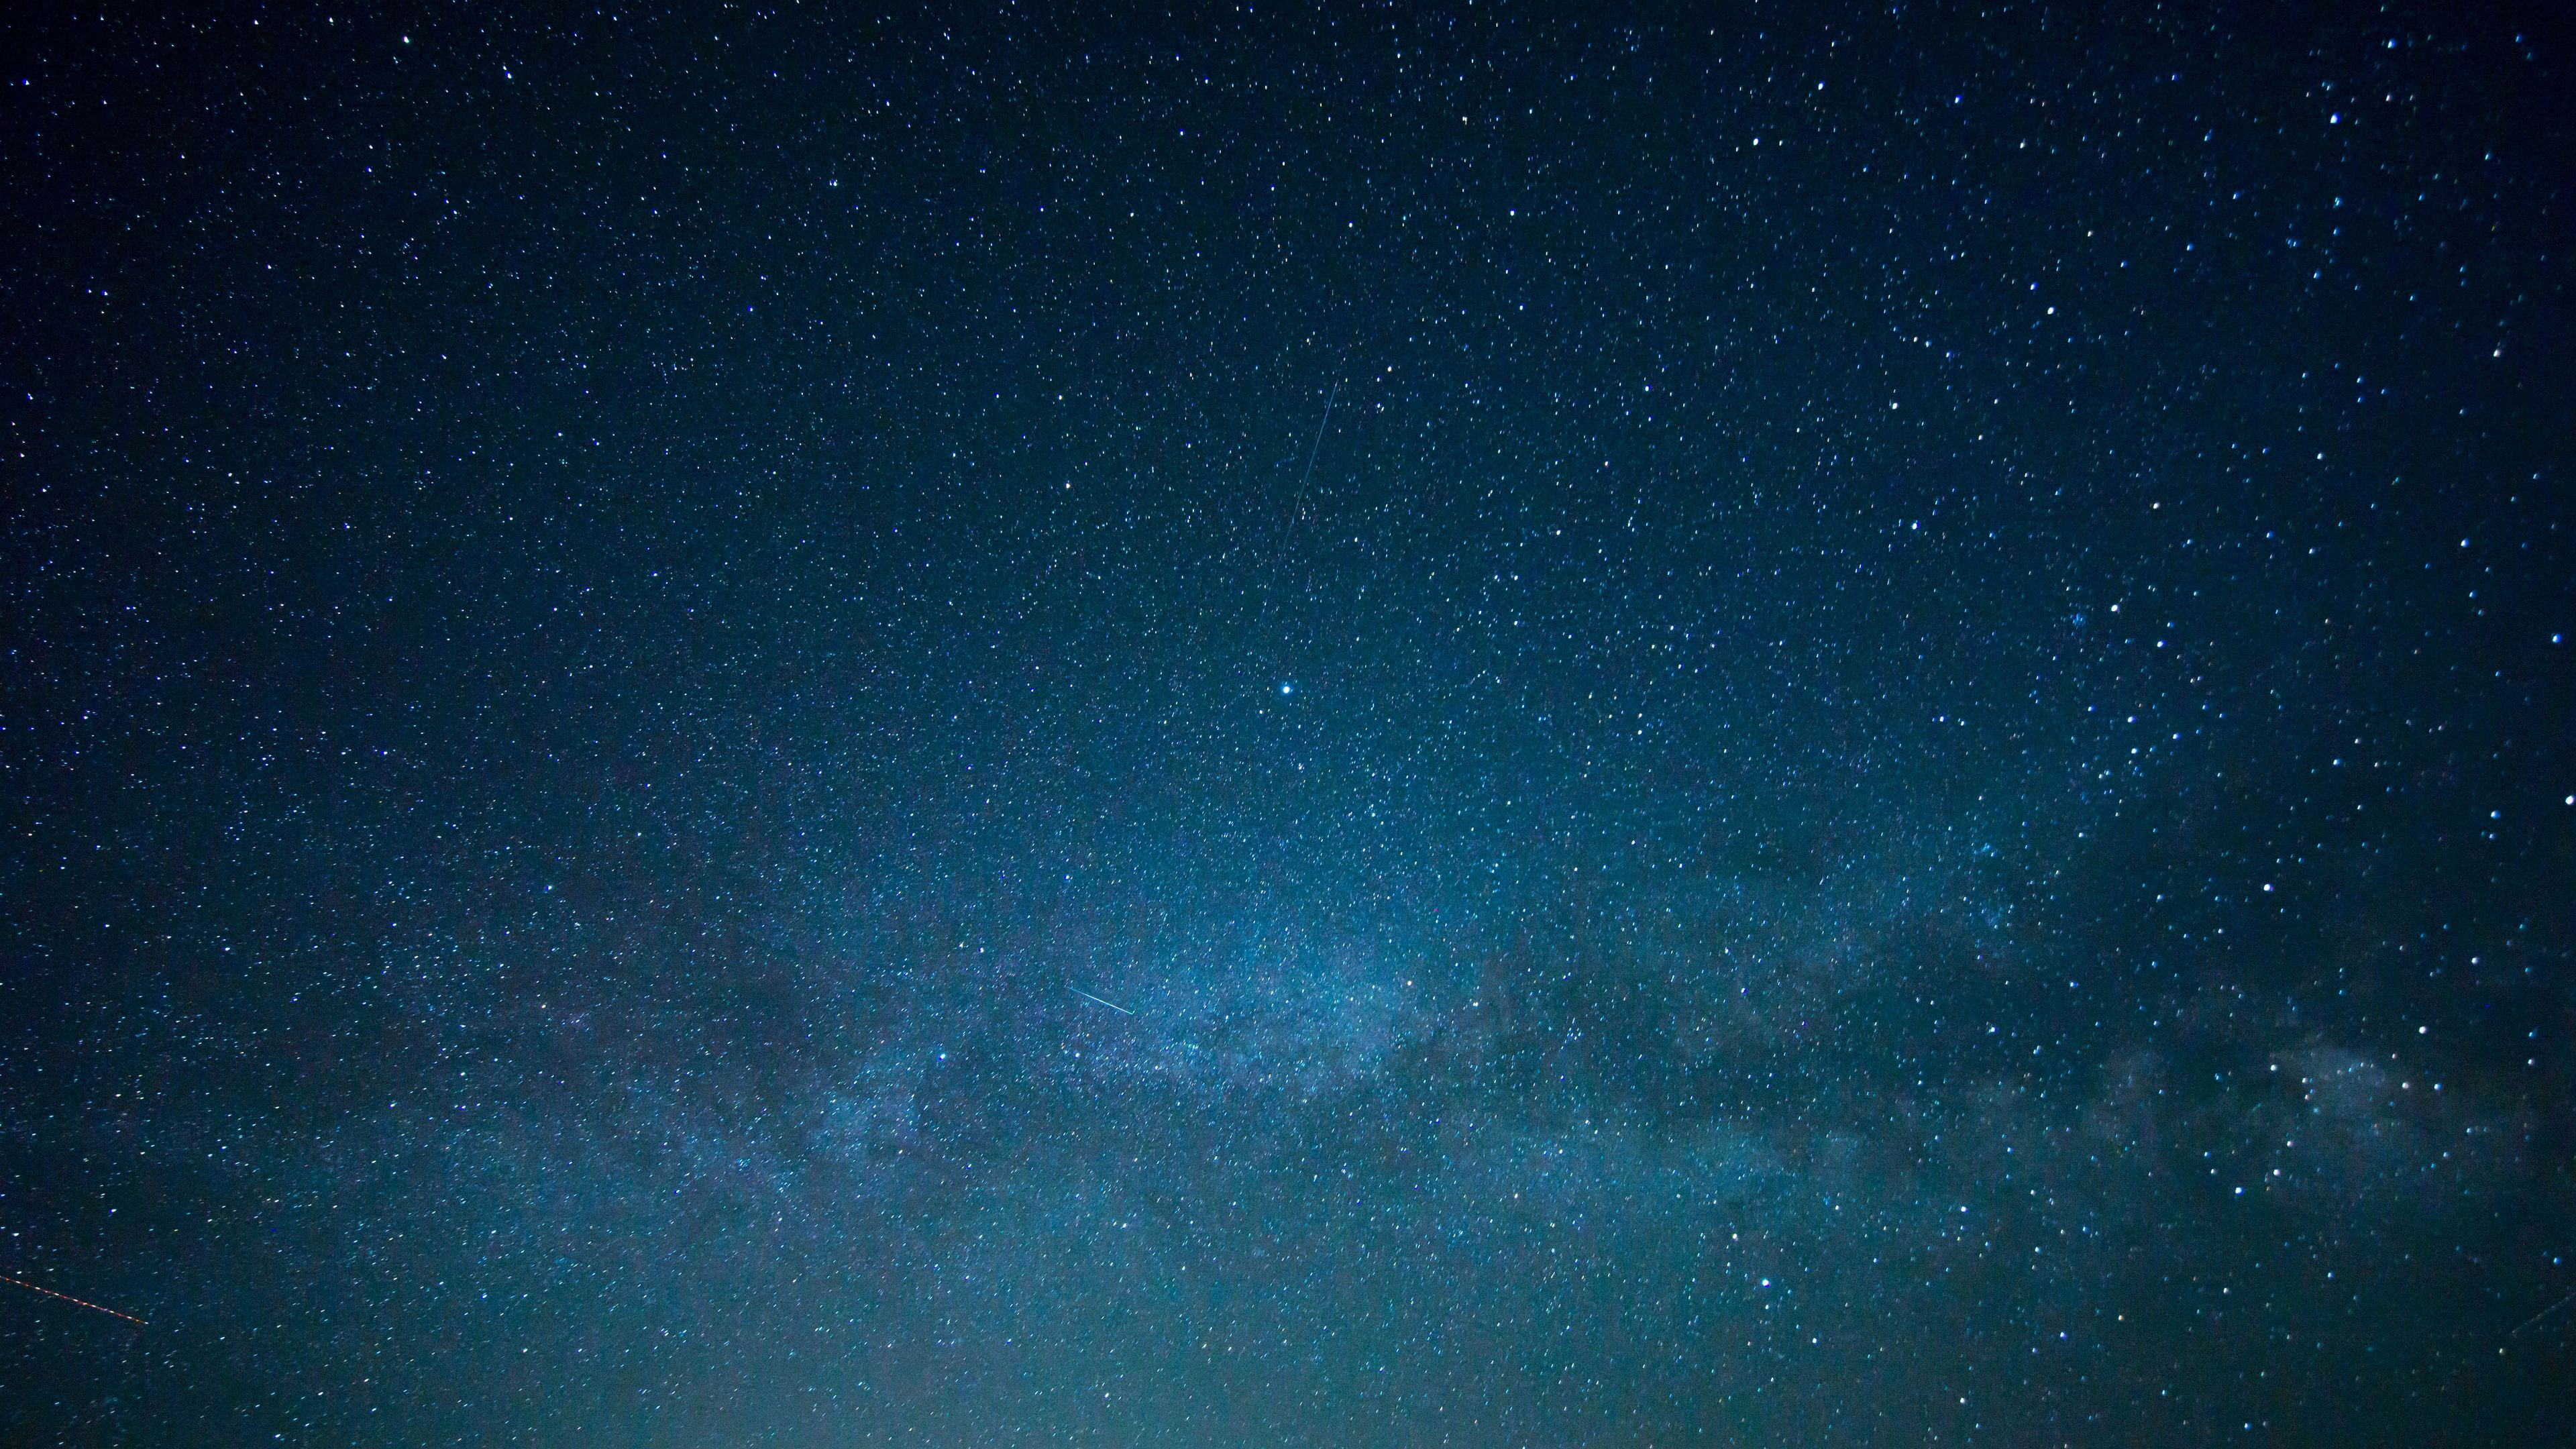 milky way stars 4k 1540140531 - Milky Way Stars 4k - stars wallpapers, space wallpapers, milky way wallpapers, hd-wallpapers, digital universe wallpapers, 5k wallpapers, 4k-wallpapers